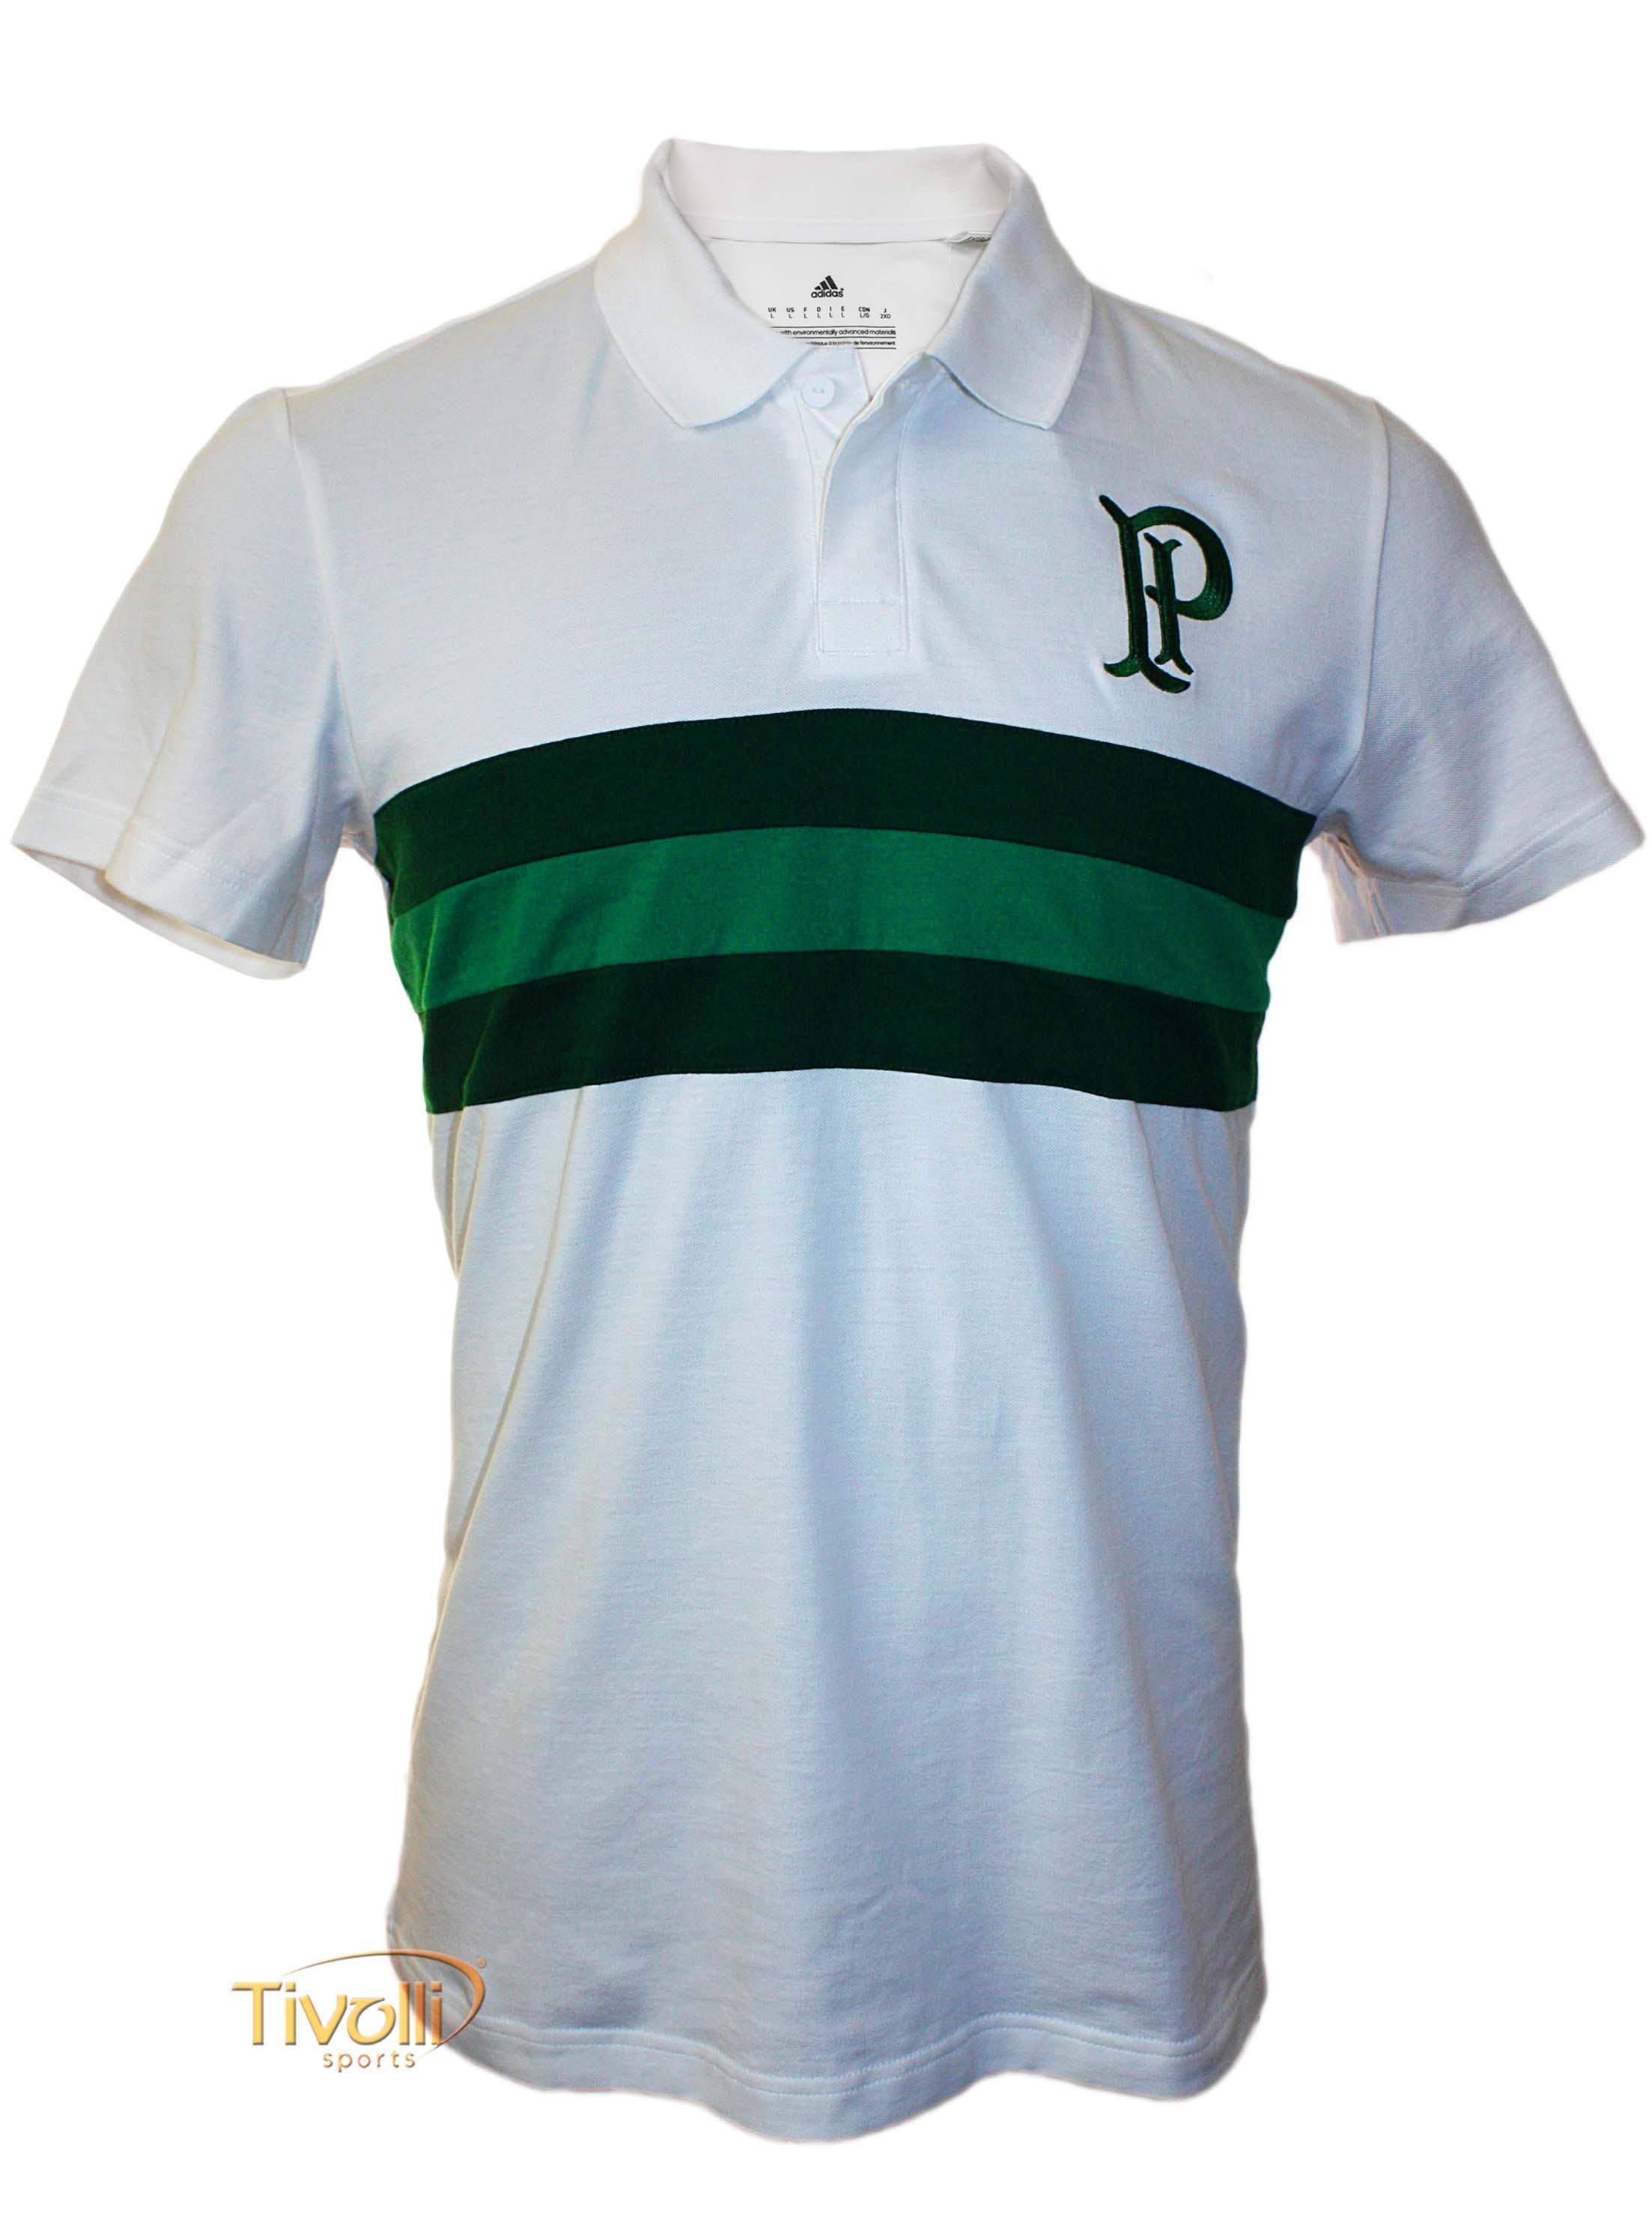 d518ca86d7 Camisa Polo Retrô Palmeiras Adidas   Premium branca e verde